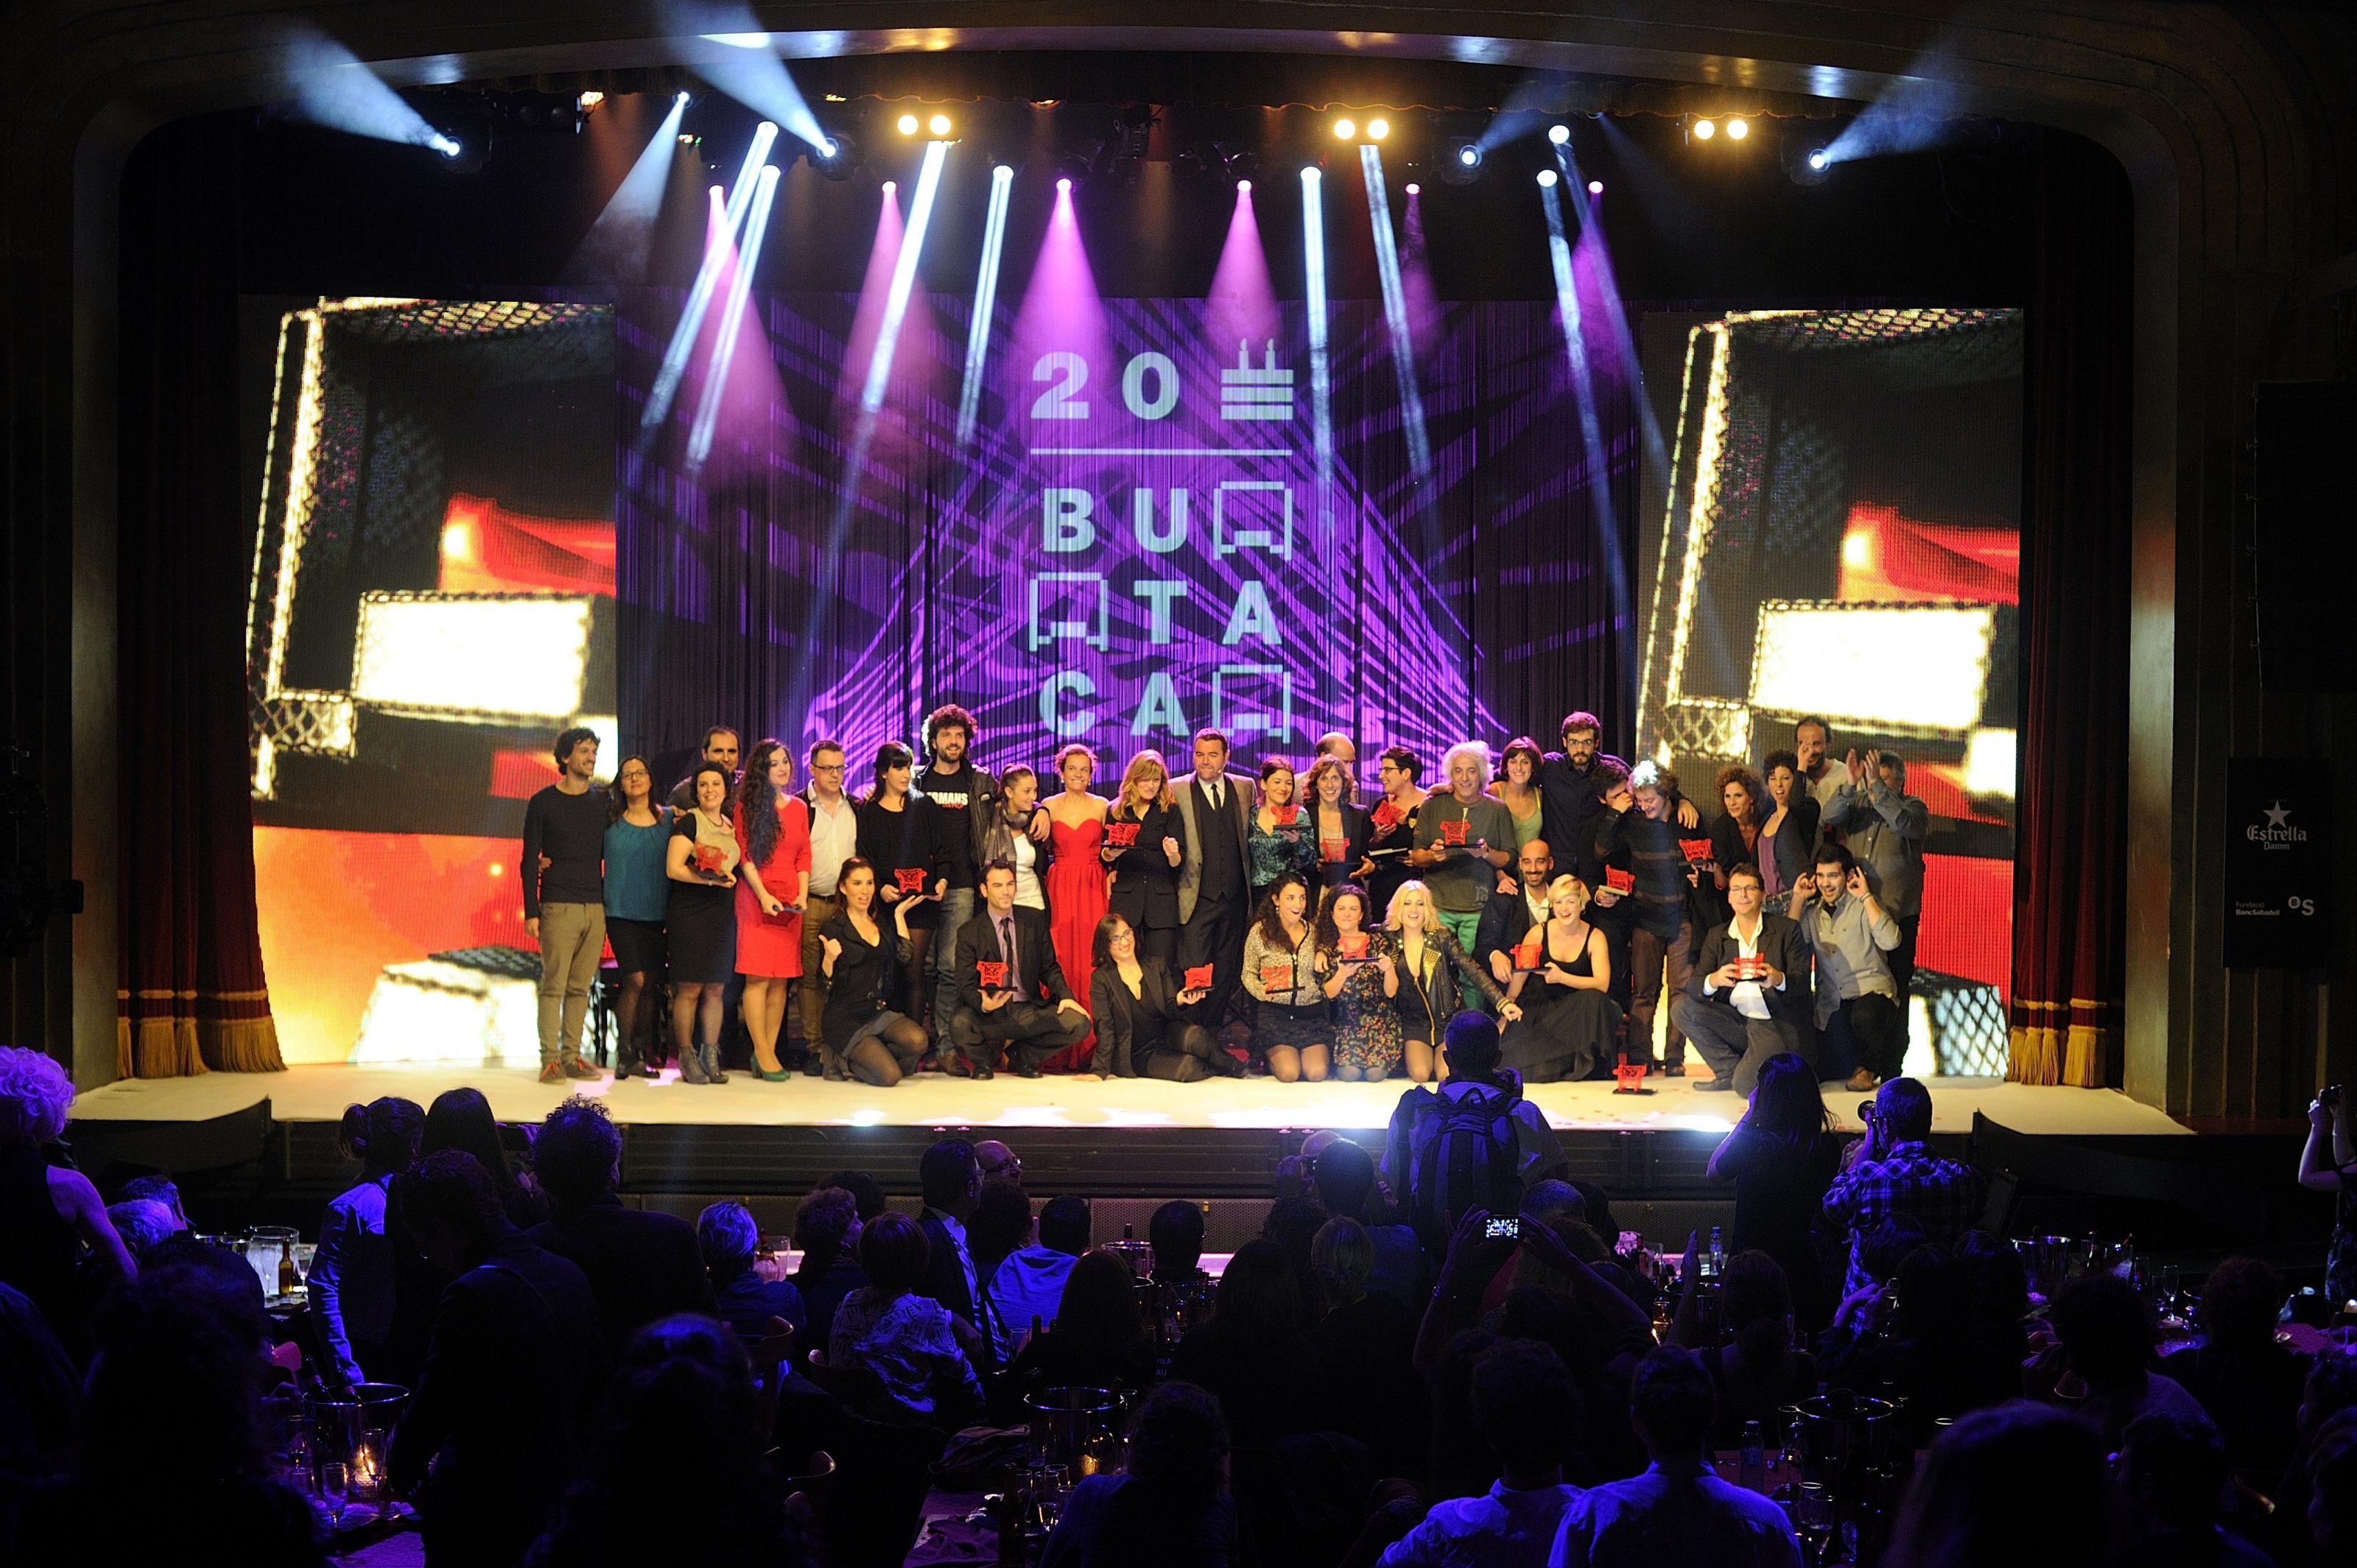 Xx premis butaca cartellera de teatre cl ssic a barcelona for Cartellera teatre barcelona